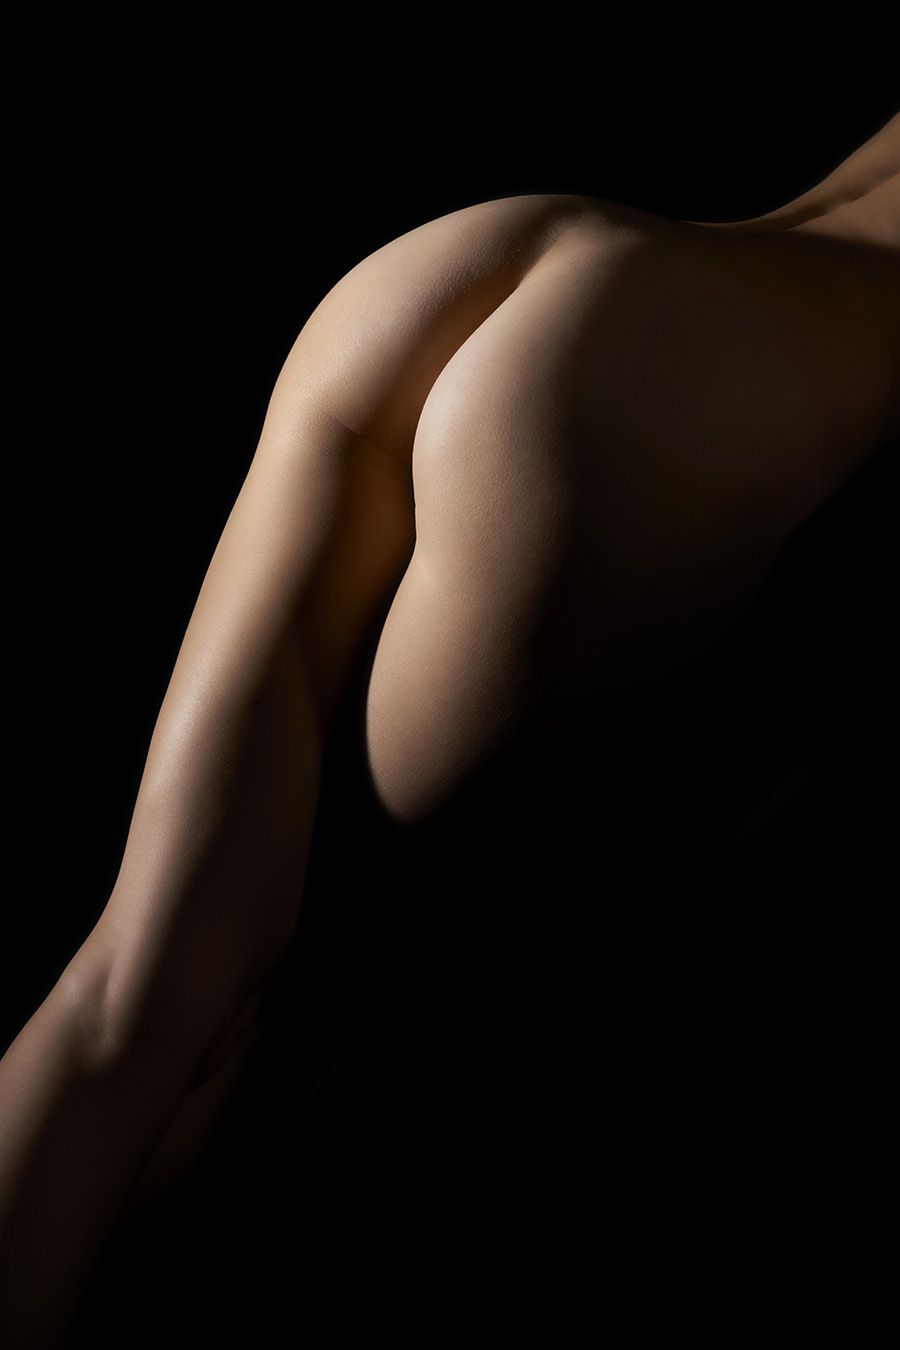 Sinnliche erotische Frauenbilder